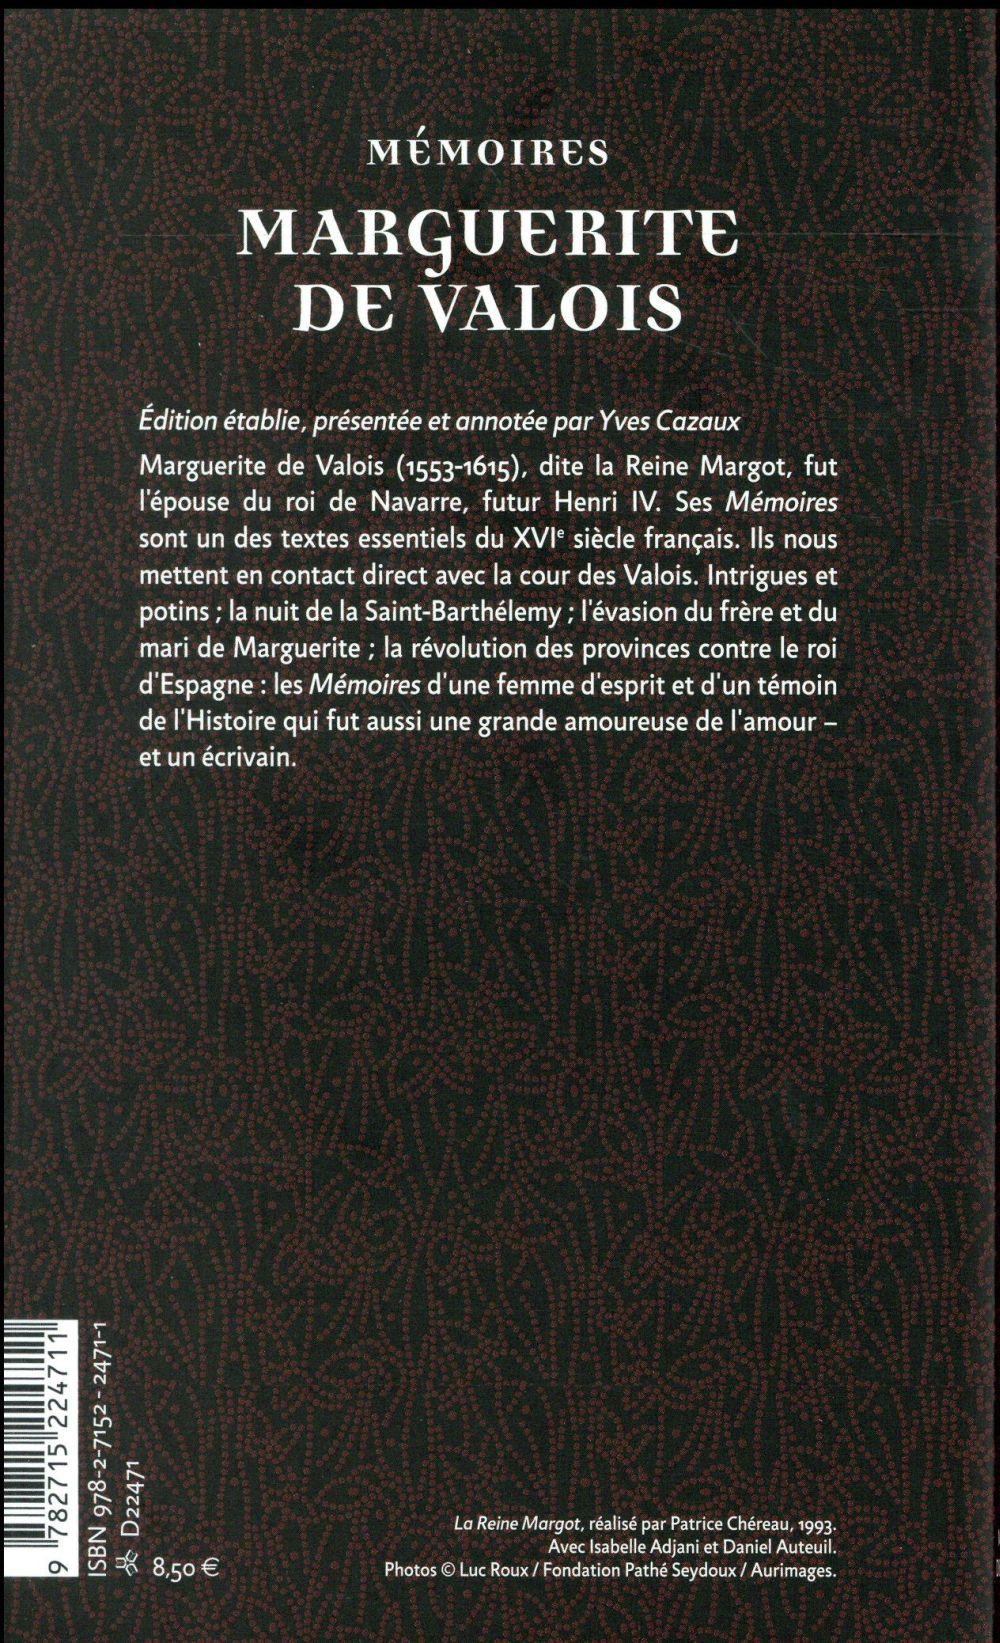 Mémoires de Marguerite de Valois (la reine margot) ; lettres et autres écrits